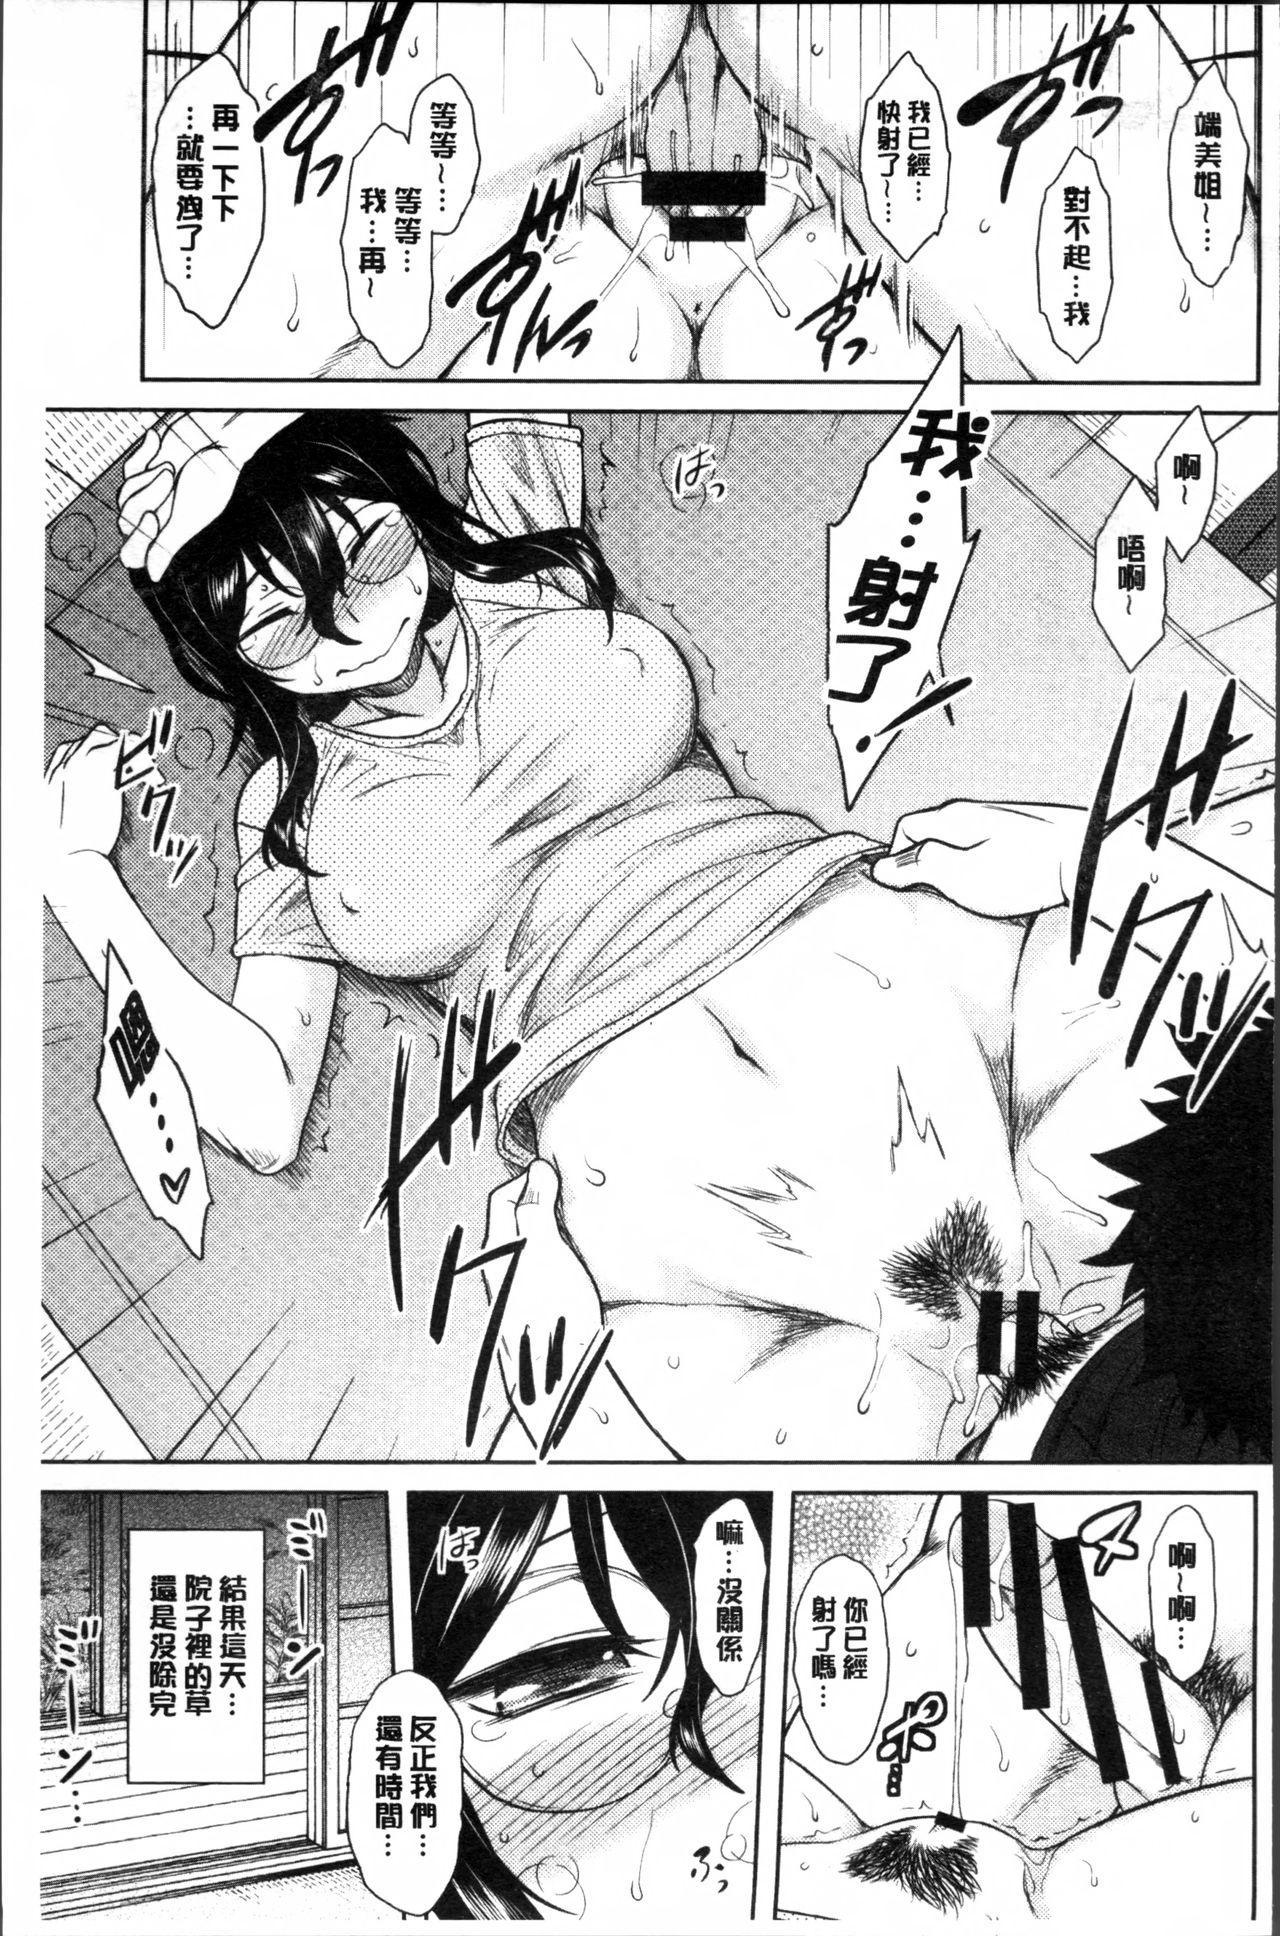 Hatsukoi Splash! 164